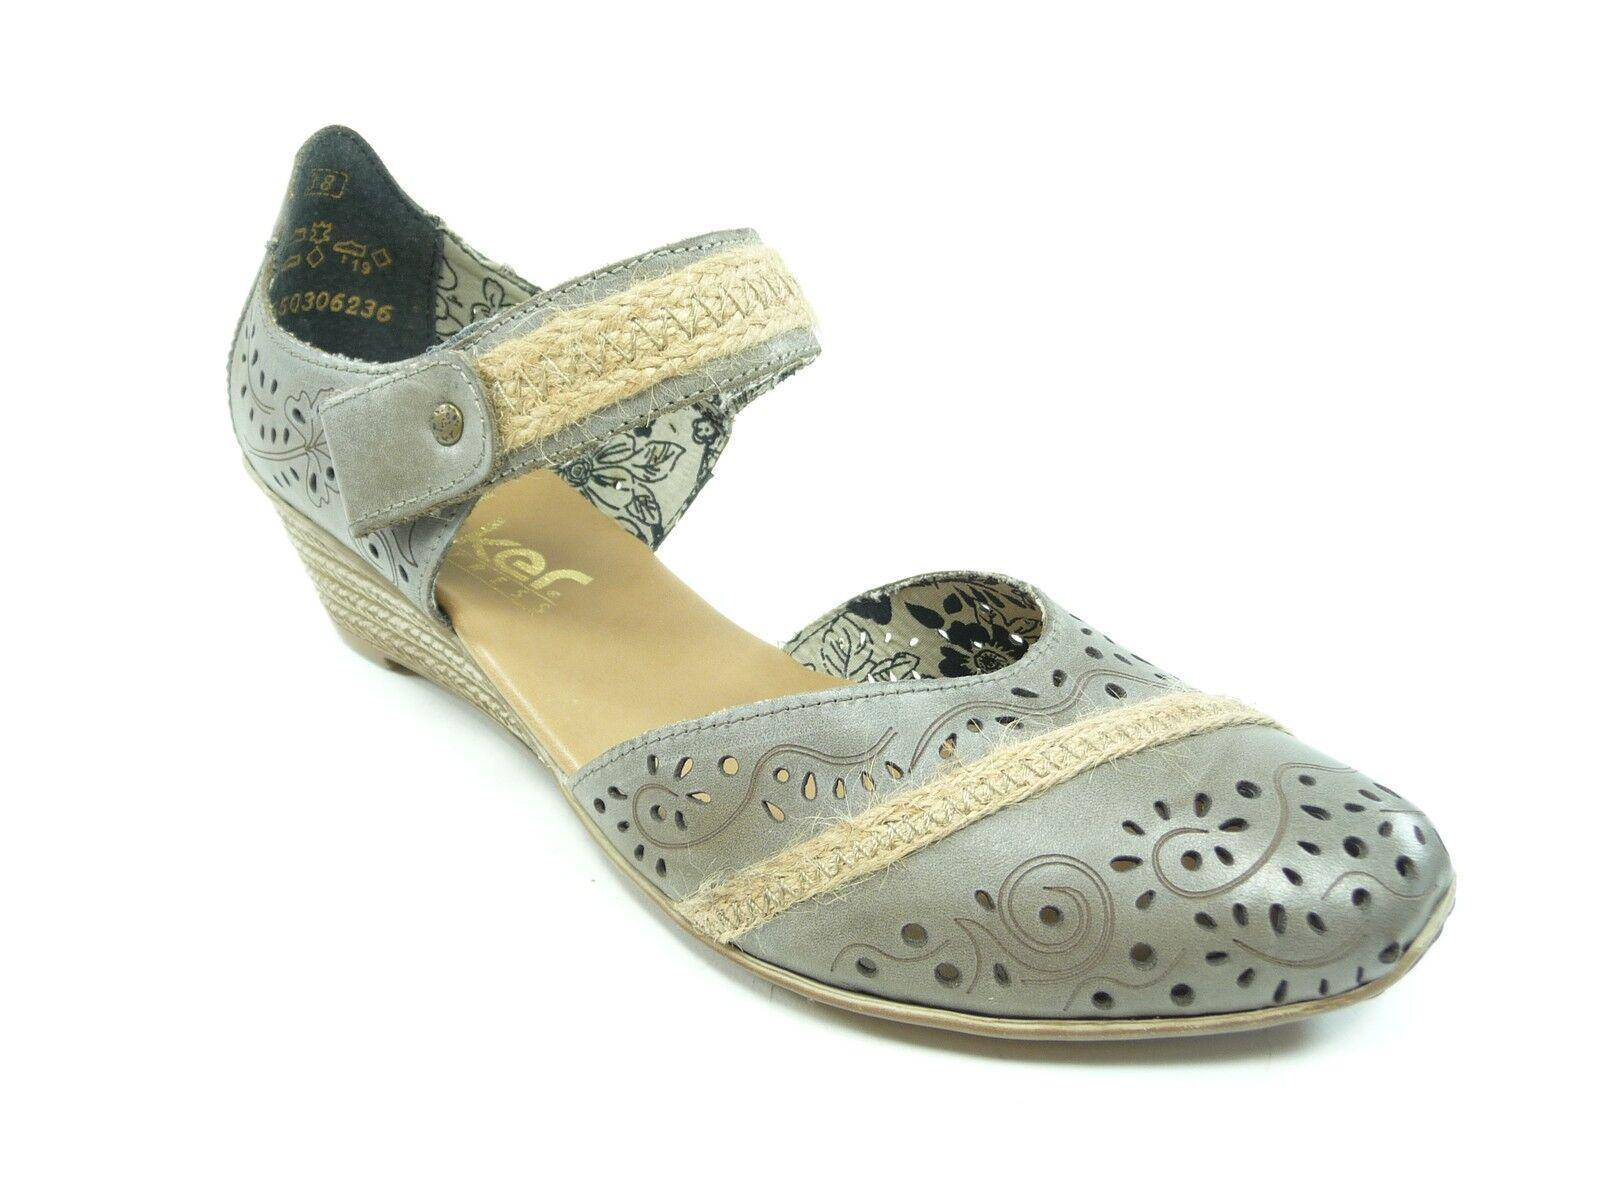 Rieker Damen Schuhe Schuhe Schuhe Halbschuhe Pumps in Grau mit  Art.Nr. 48156-40 Mirjam  | Deutschland München  0ee7b5